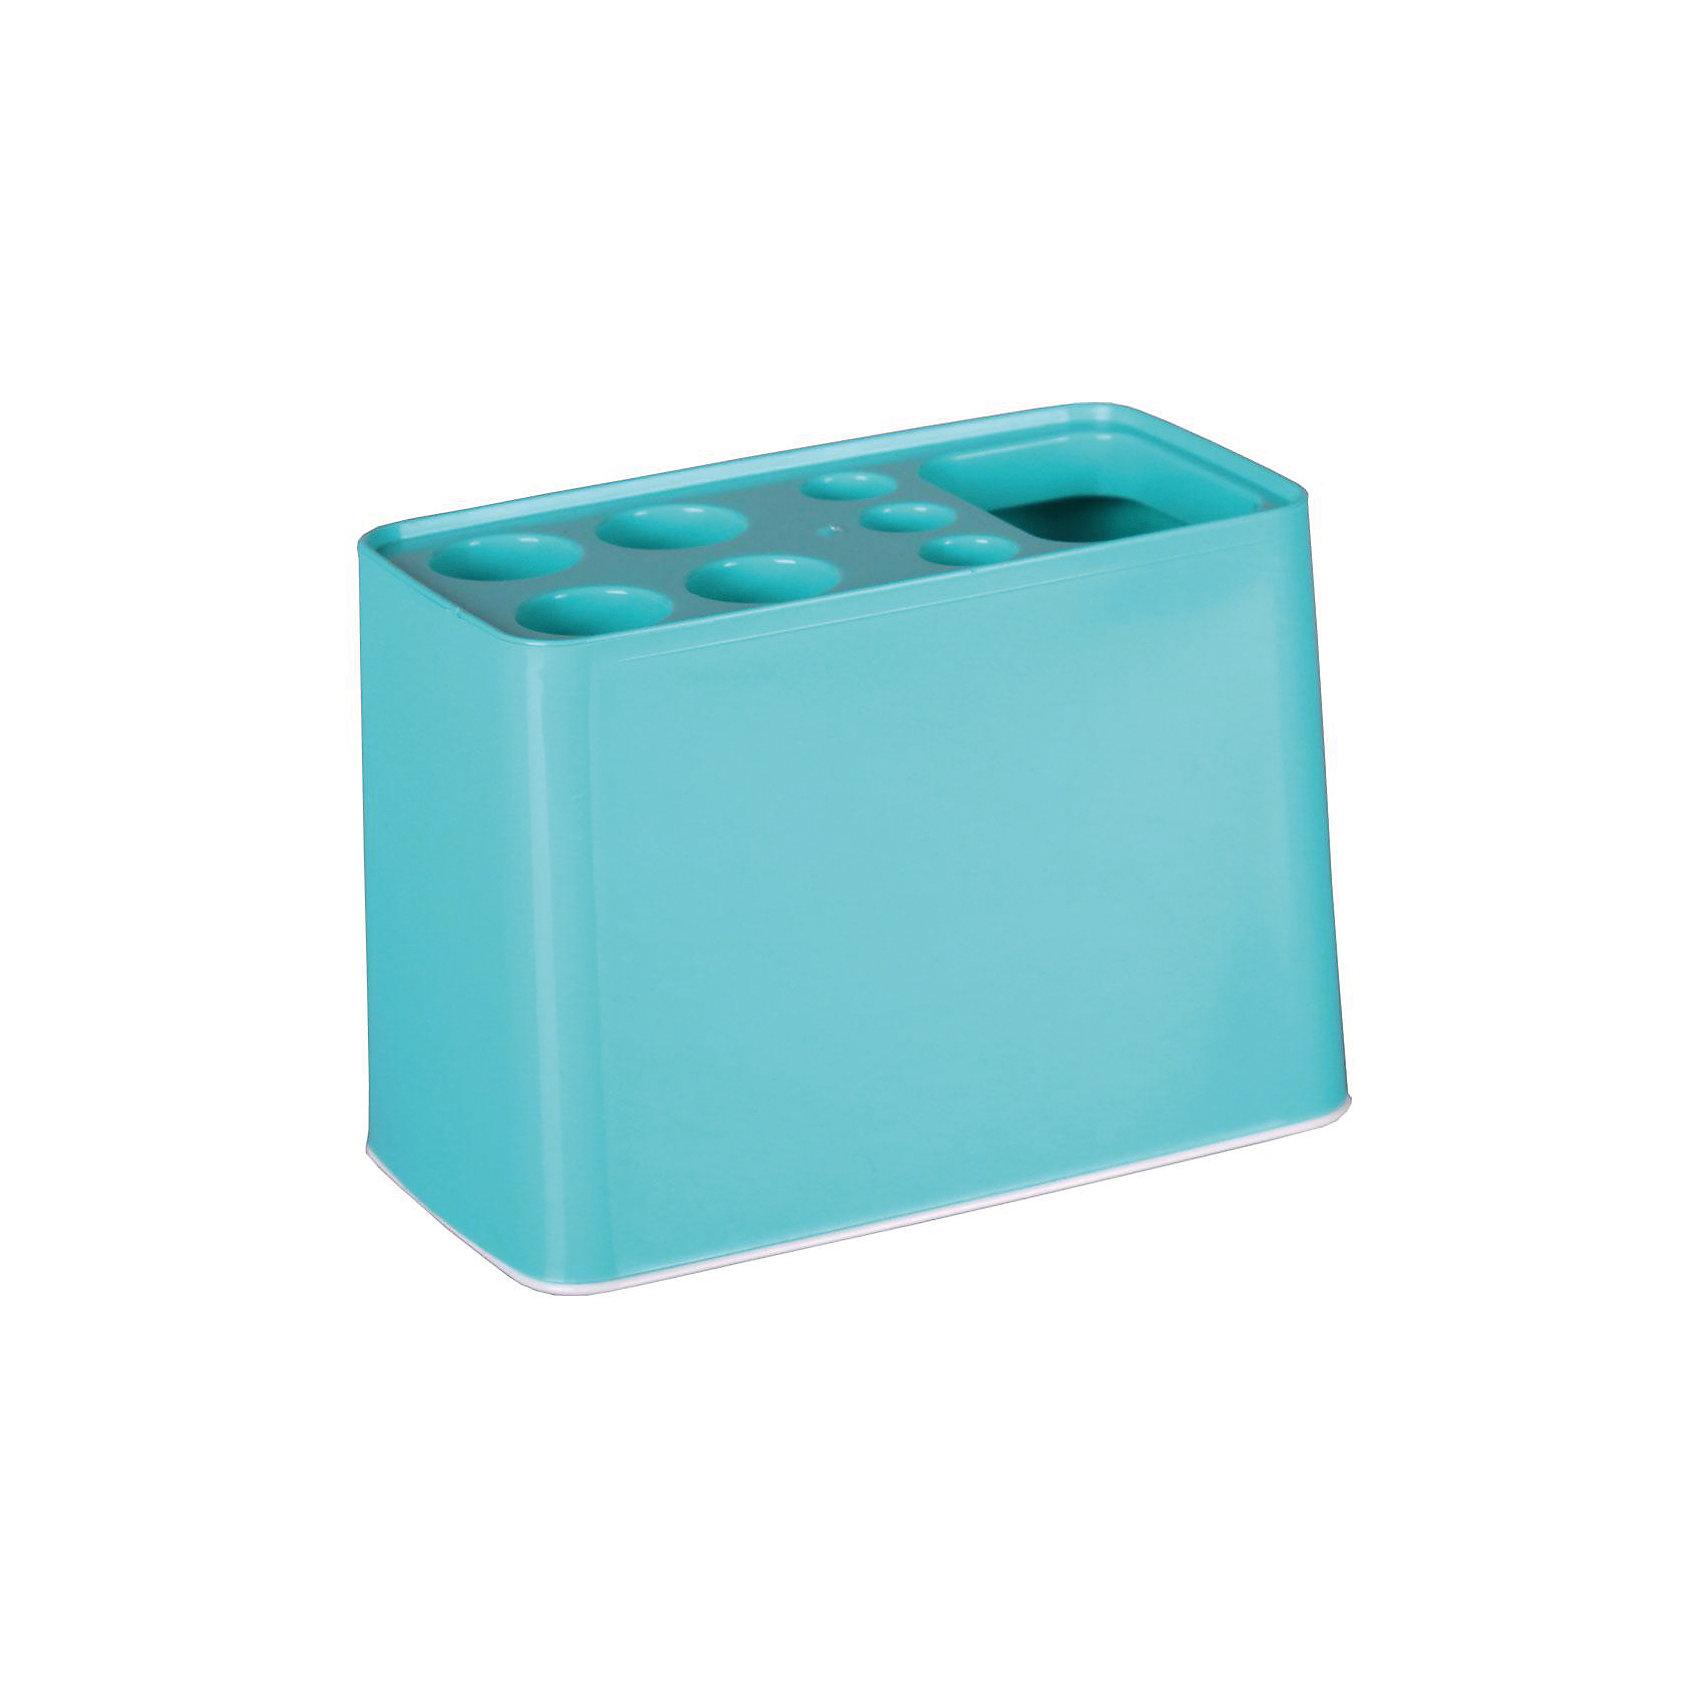 Подставка Дебют для зубных щёток, Alternativa, бирюзовыйХарактеристики:<br><br>• Предназначение: для хранения зубных щеток и зубной пасты<br>• Материал: пластик<br>• Цвет: бирюзовый<br>• Размер (Д*Ш*В): 29*26*26 см<br>• Форма: прямоугольный<br>• Особенности ухода: разрешается мыть теплой водой<br><br>Подставка Дебют для зубных щёток, Alternativa, бирюзовый изготовлена отечественным производителем ООО ЗПИ Альтернатива, который специализируется на выпуске широкого спектра изделий из пластика. Изделие выполнено из безопасного и прочного пластика, устойчивого к механическим повреждениям. Подставка имеет прямоугольныйольную форму, что обеспечивает ее компактный размер при высокой вместимости предметов: 4 больших и 3 маленьких отверстия для зубных щеток, также предусмотрено отверстие для хранения зубной пасты. Подставка оснащена съемным дном, благодаря чему изделие очень легкое в уходе. Подставка Дебют для зубных щёток, Alternativa, бирюзовый обеспечит порядок и сохранность зубных щеток в вашей ванной комнате.<br><br>Подставку Дебют для зубных щёток, Alternativa, бирюзовую можно купить в нашем интернет-магазине.<br><br>Ширина мм: 105<br>Глубина мм: 105<br>Высота мм: 125<br>Вес г: 76<br>Возраст от месяцев: 6<br>Возраст до месяцев: 588<br>Пол: Унисекс<br>Возраст: Детский<br>SKU: 5096654